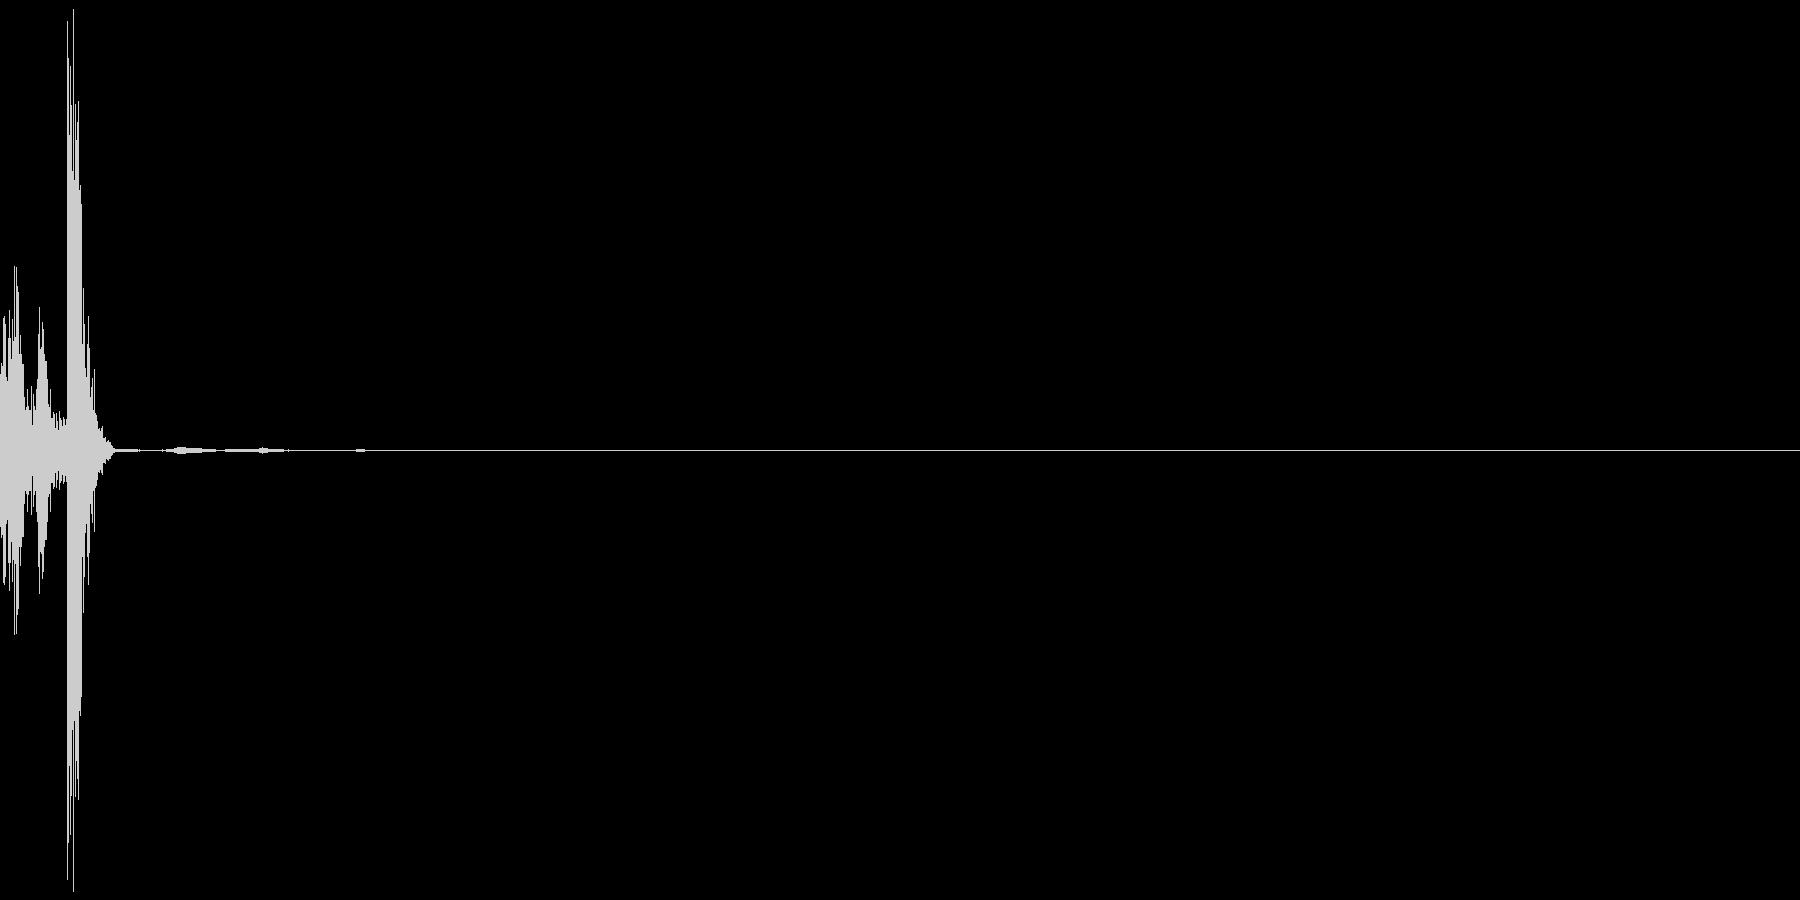 時計、タイマー、ストップウォッチ_B_2の未再生の波形